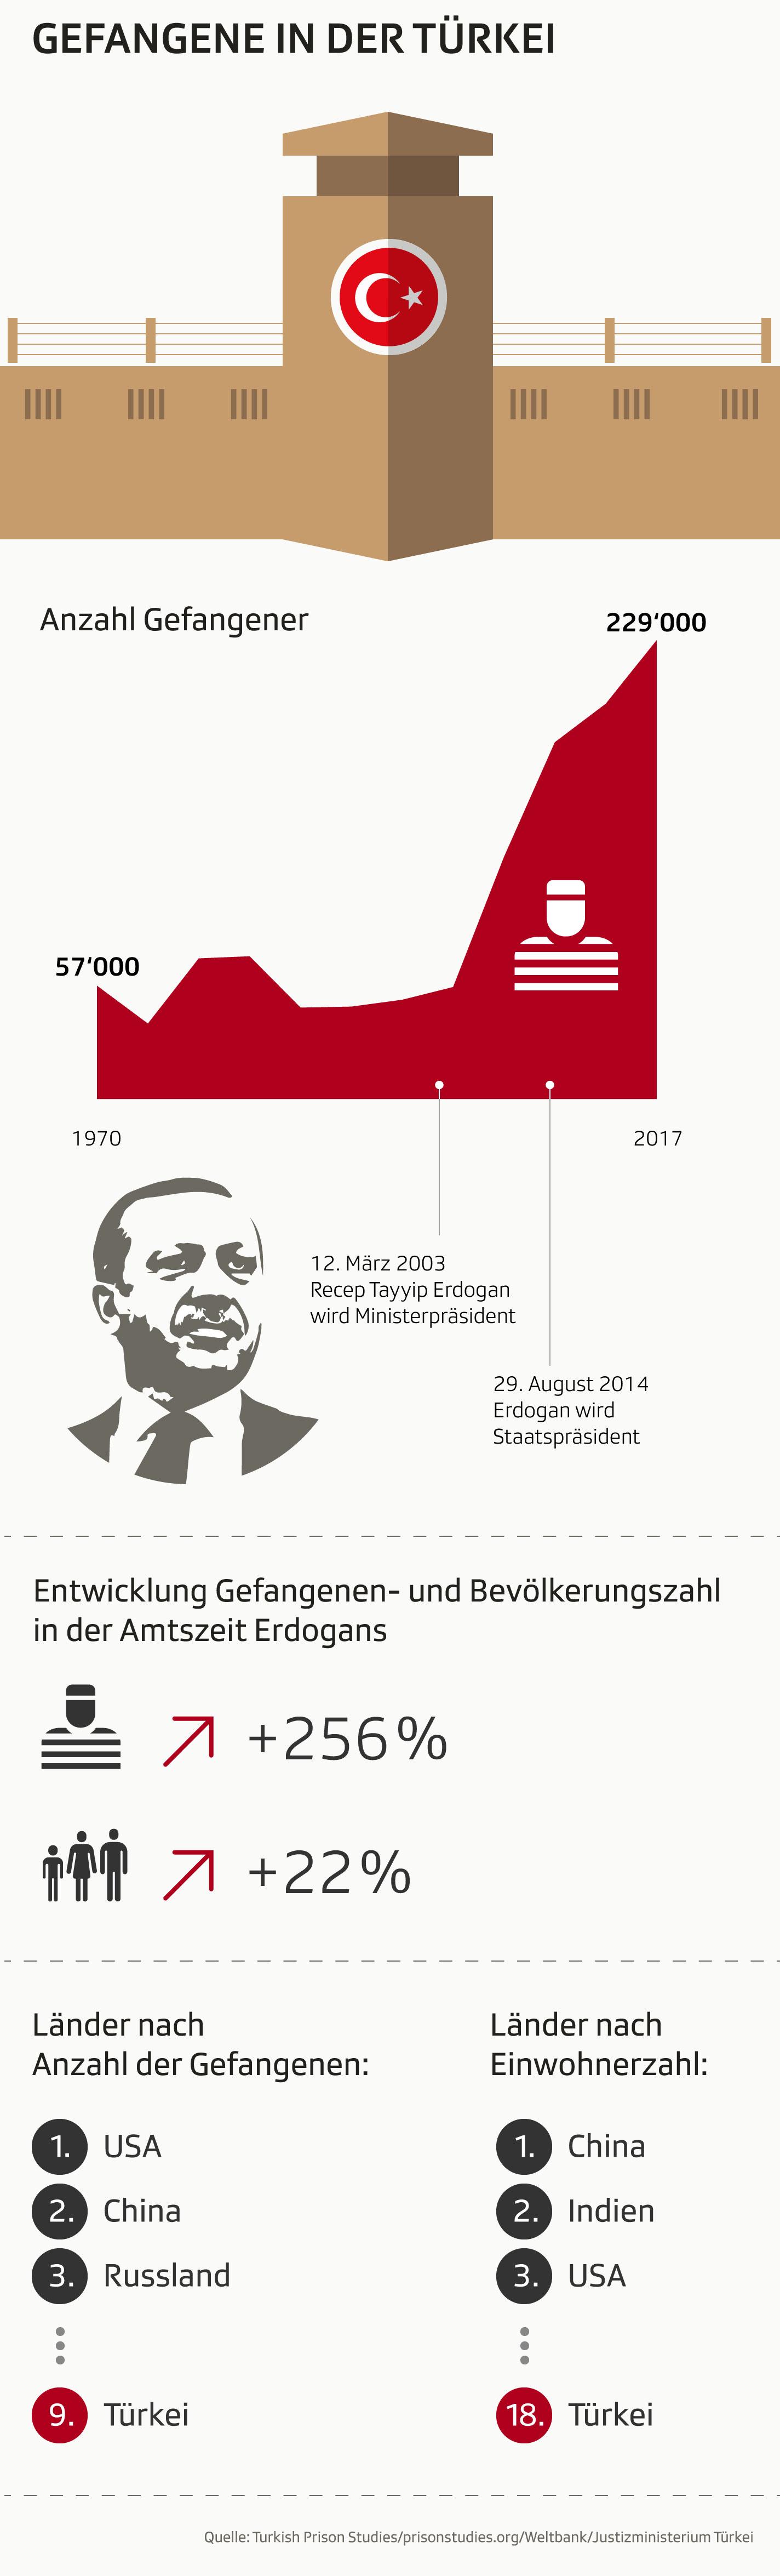 Grafik zeigt Daten zur Anzahl der Gefangenen in der Türkei